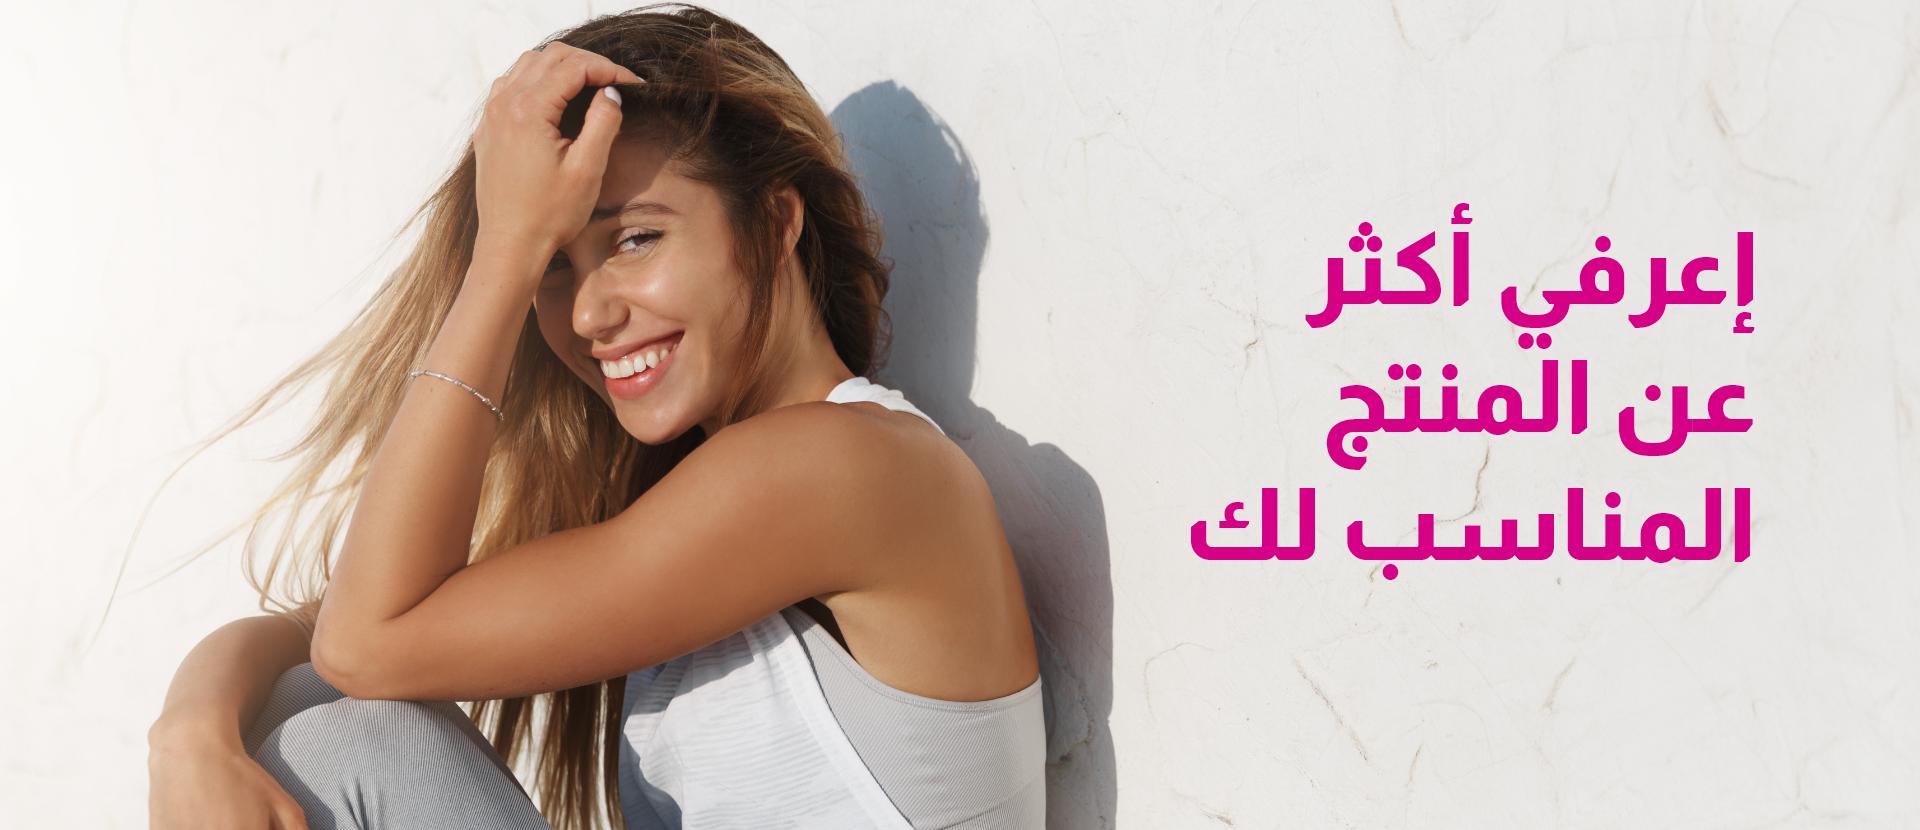 nair products